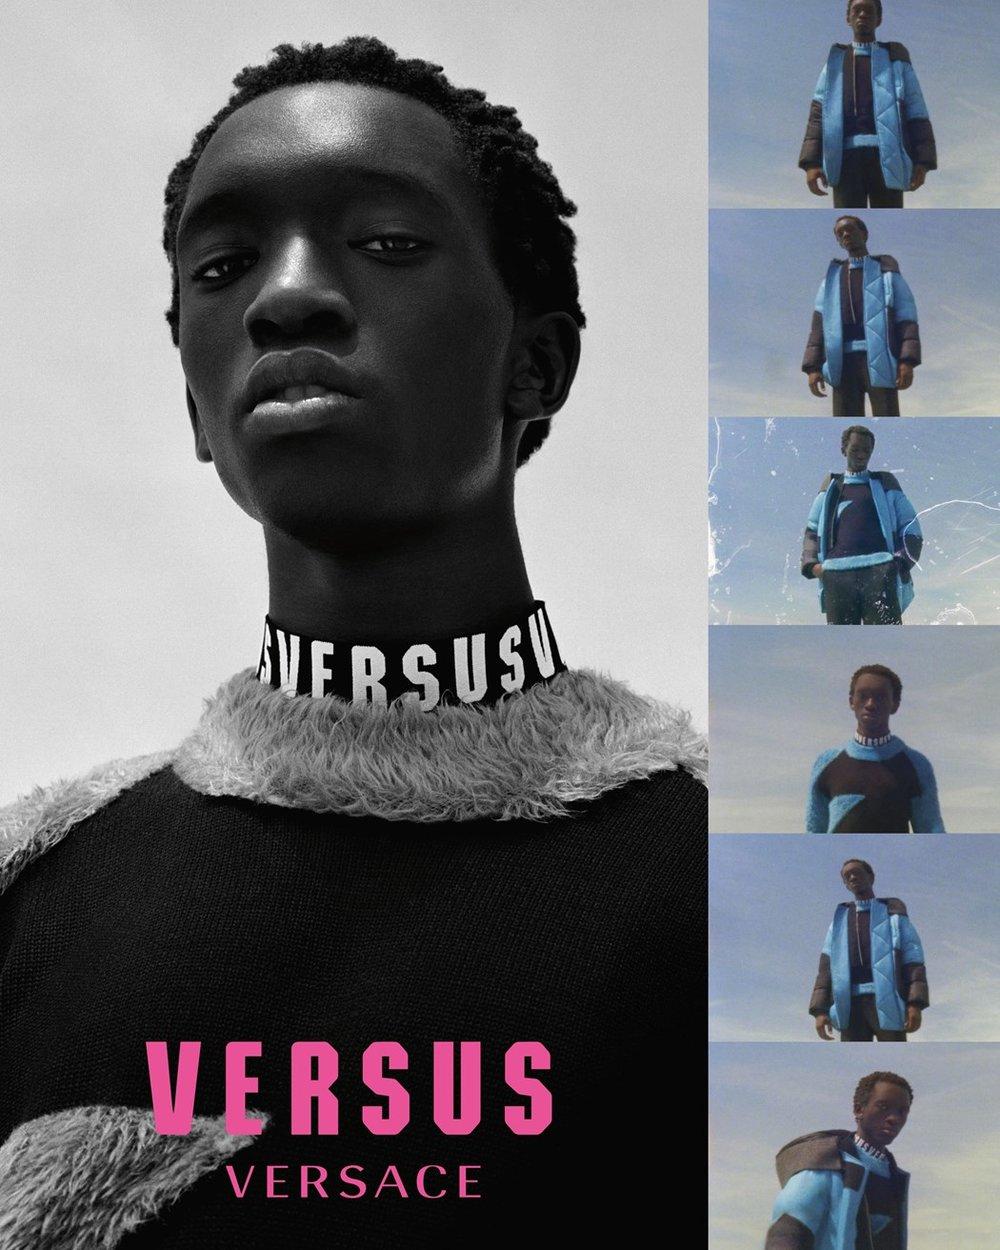 Versus Versace, Inverno 18 / Reprodução